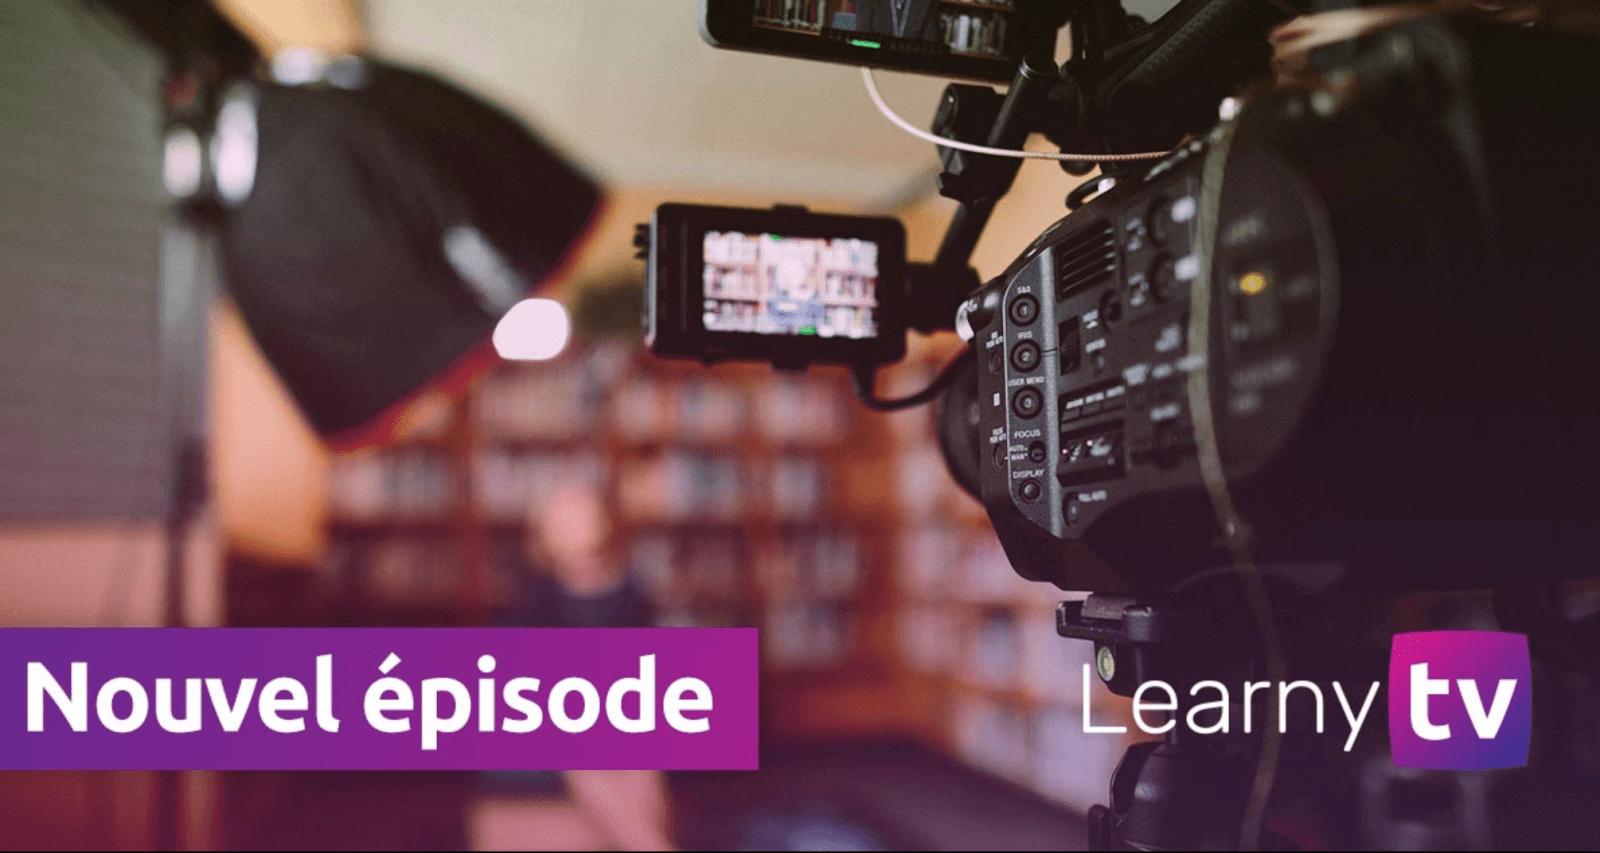 [Learny TV] 5 questions à vous poser avant de lancer vos formations en ligne !